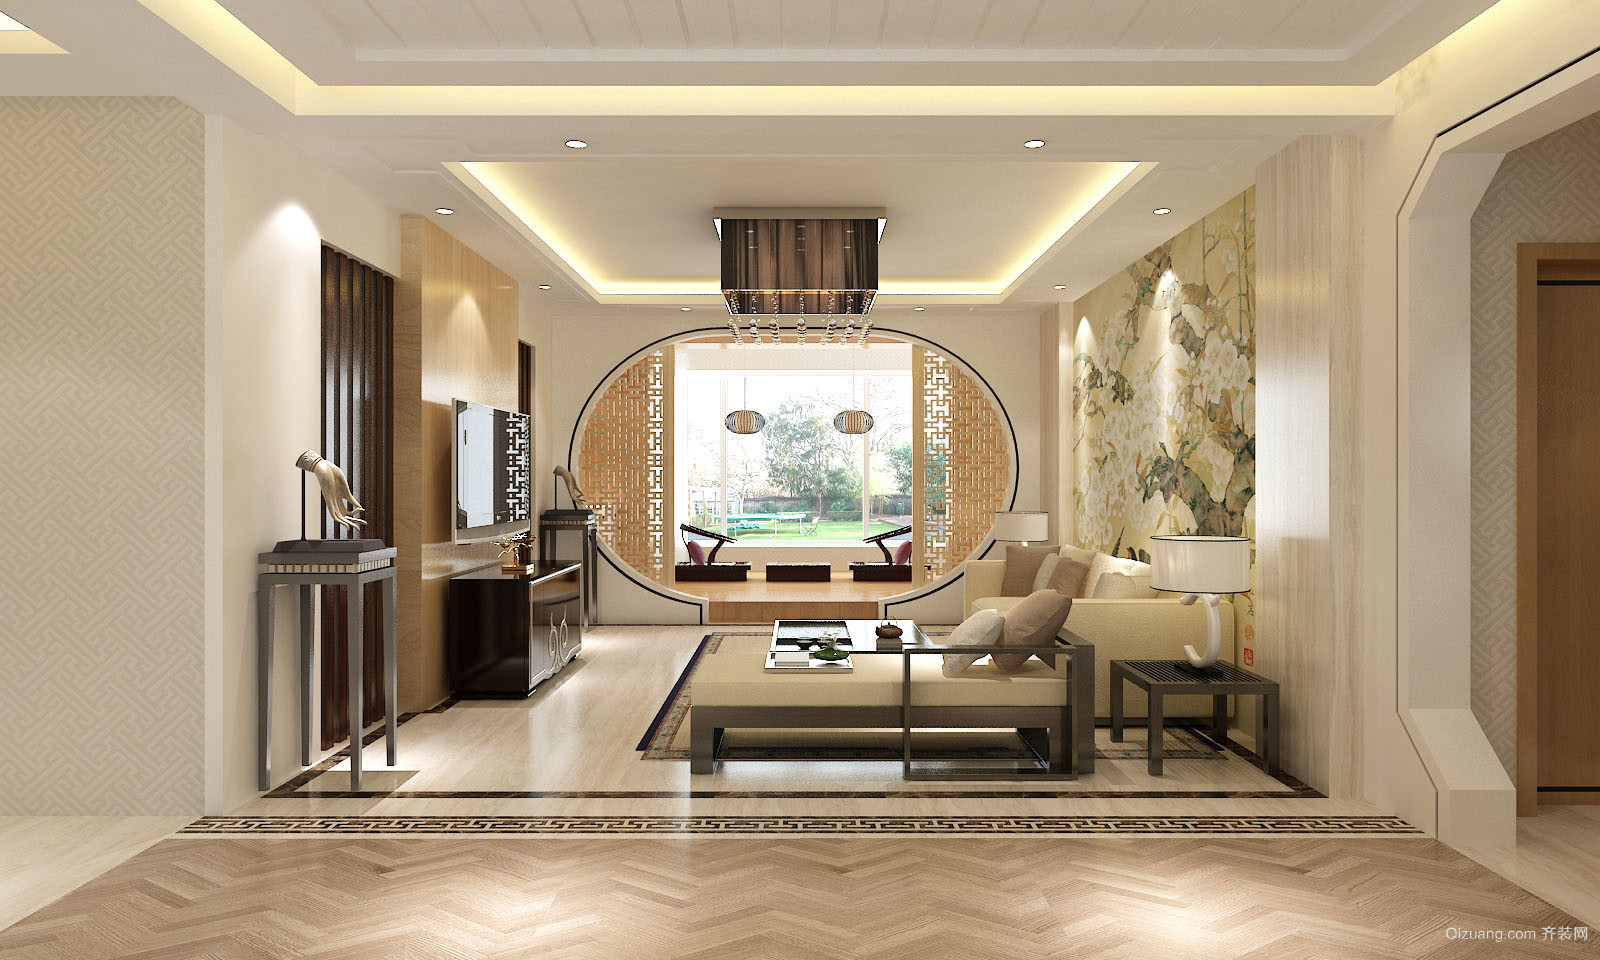 150平米普通家装中式风格户型建筑图片v家装-邢装修设计所述职报告图片